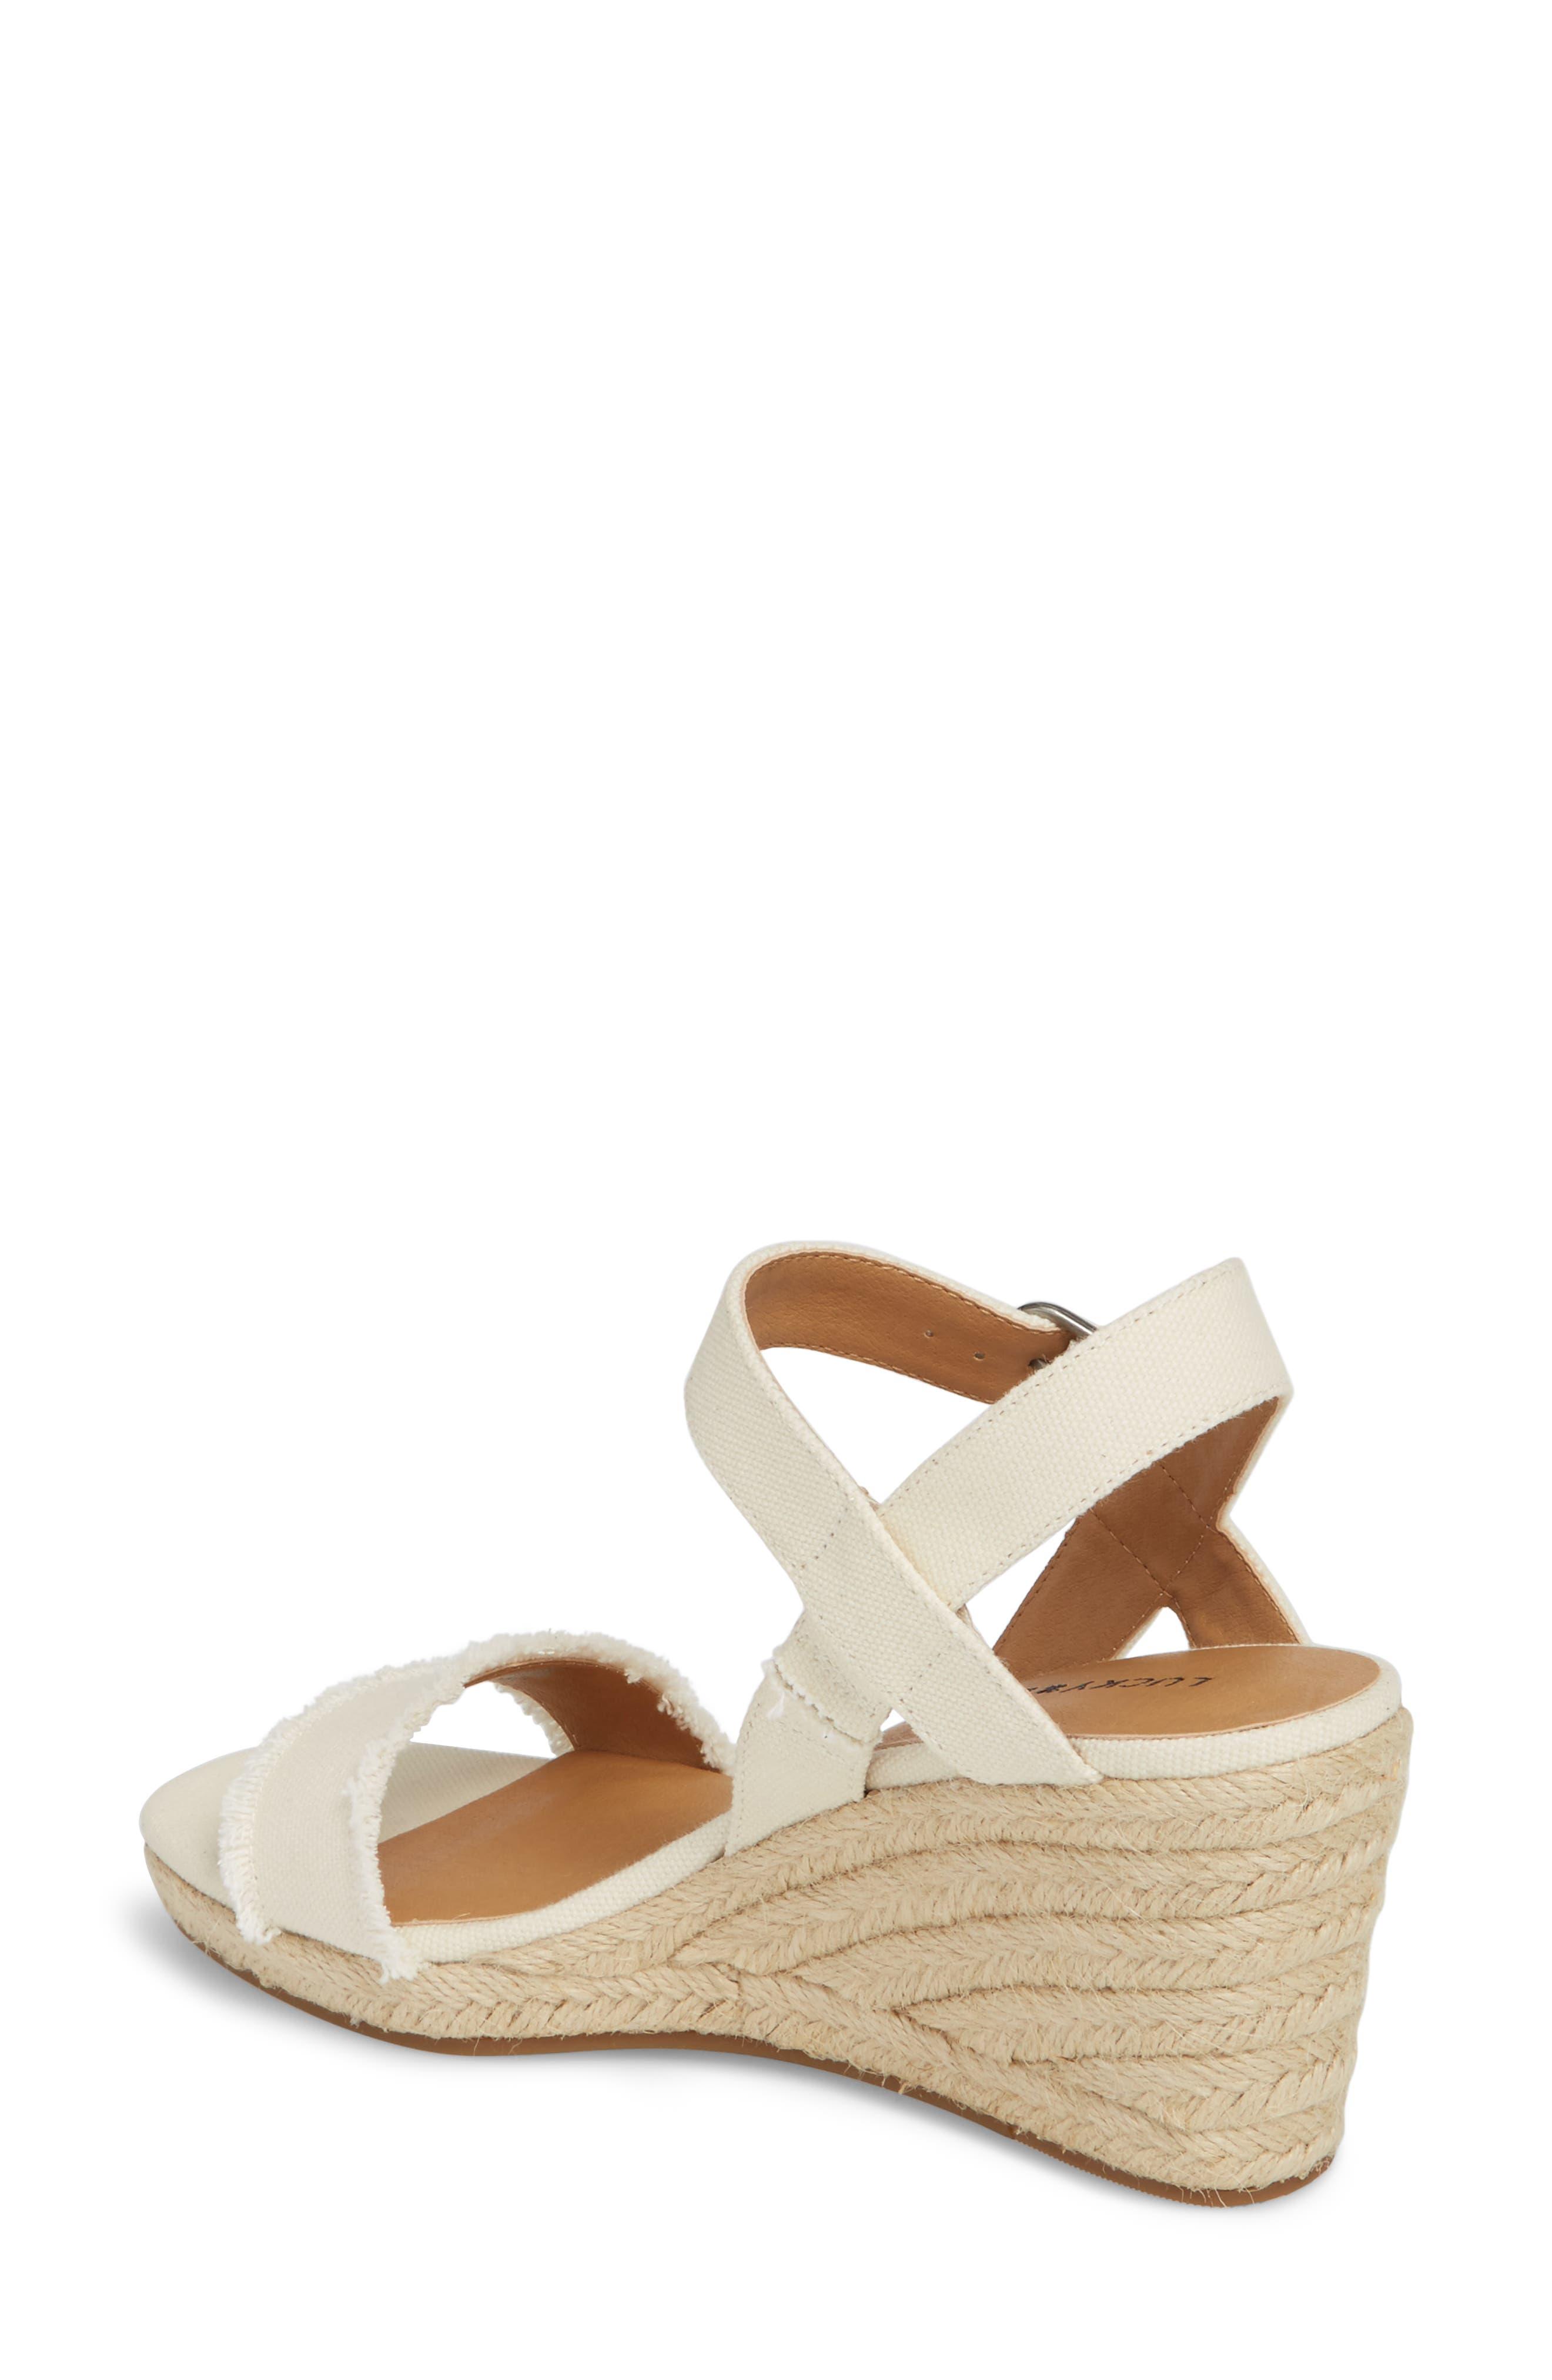 Marceline Squared Toe Wedge Sandal,                             Alternate thumbnail 9, color,